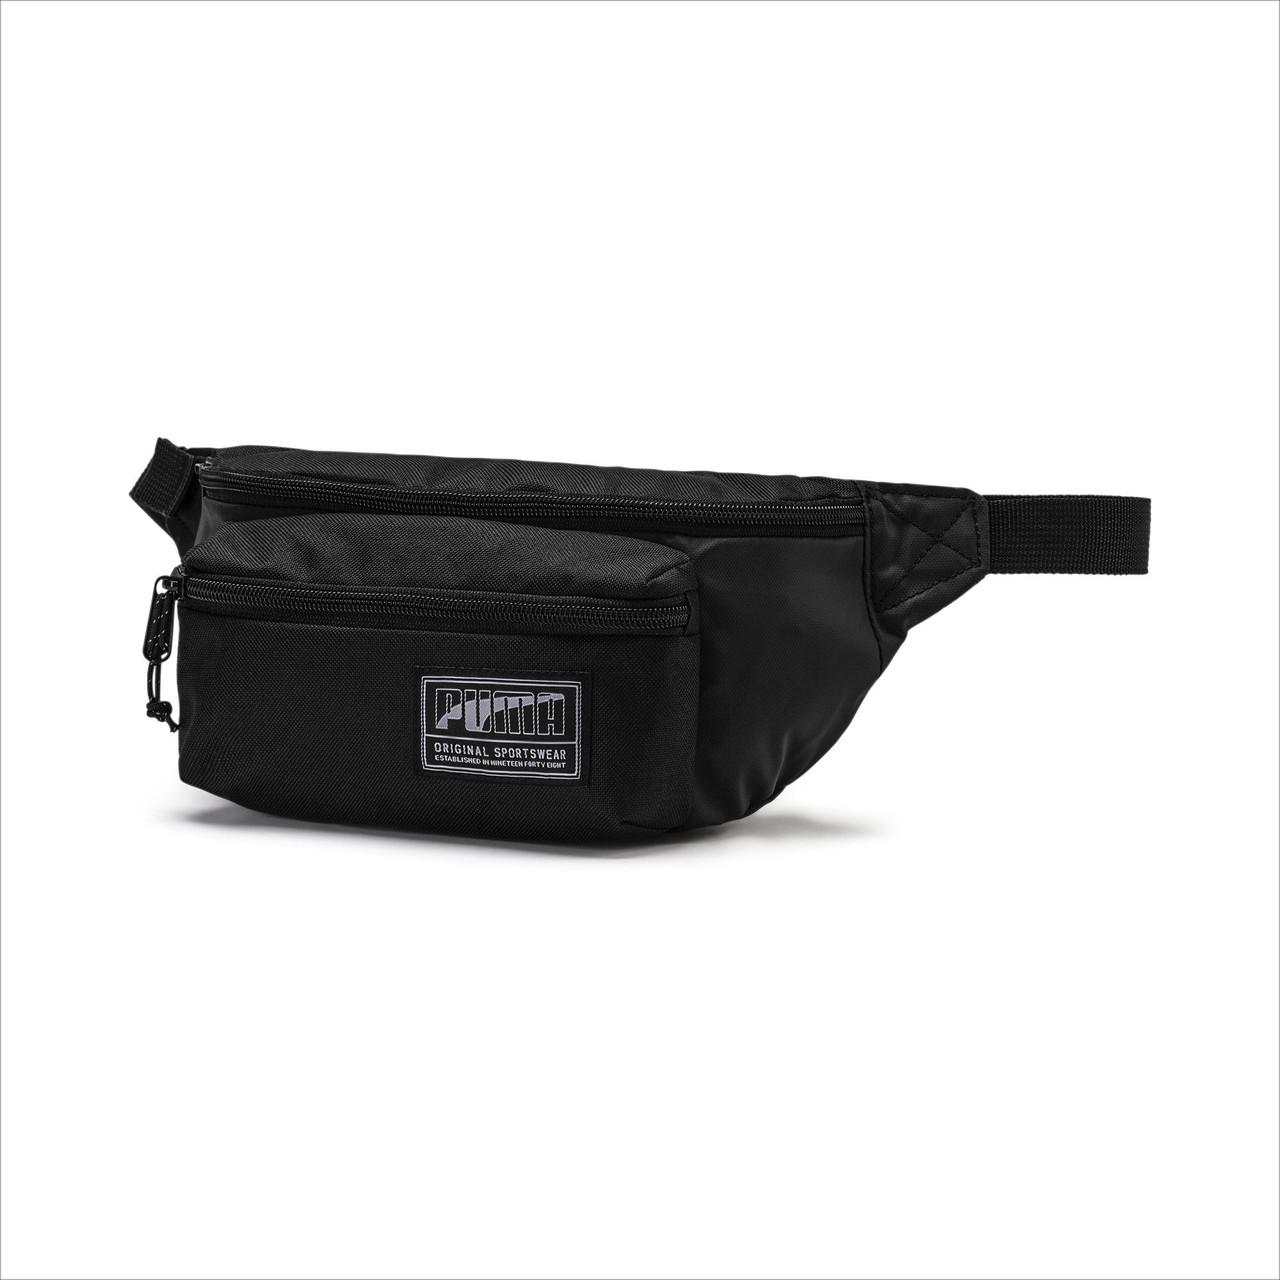 Спортивный сумка на пояс ACADEMY WAIST BAG